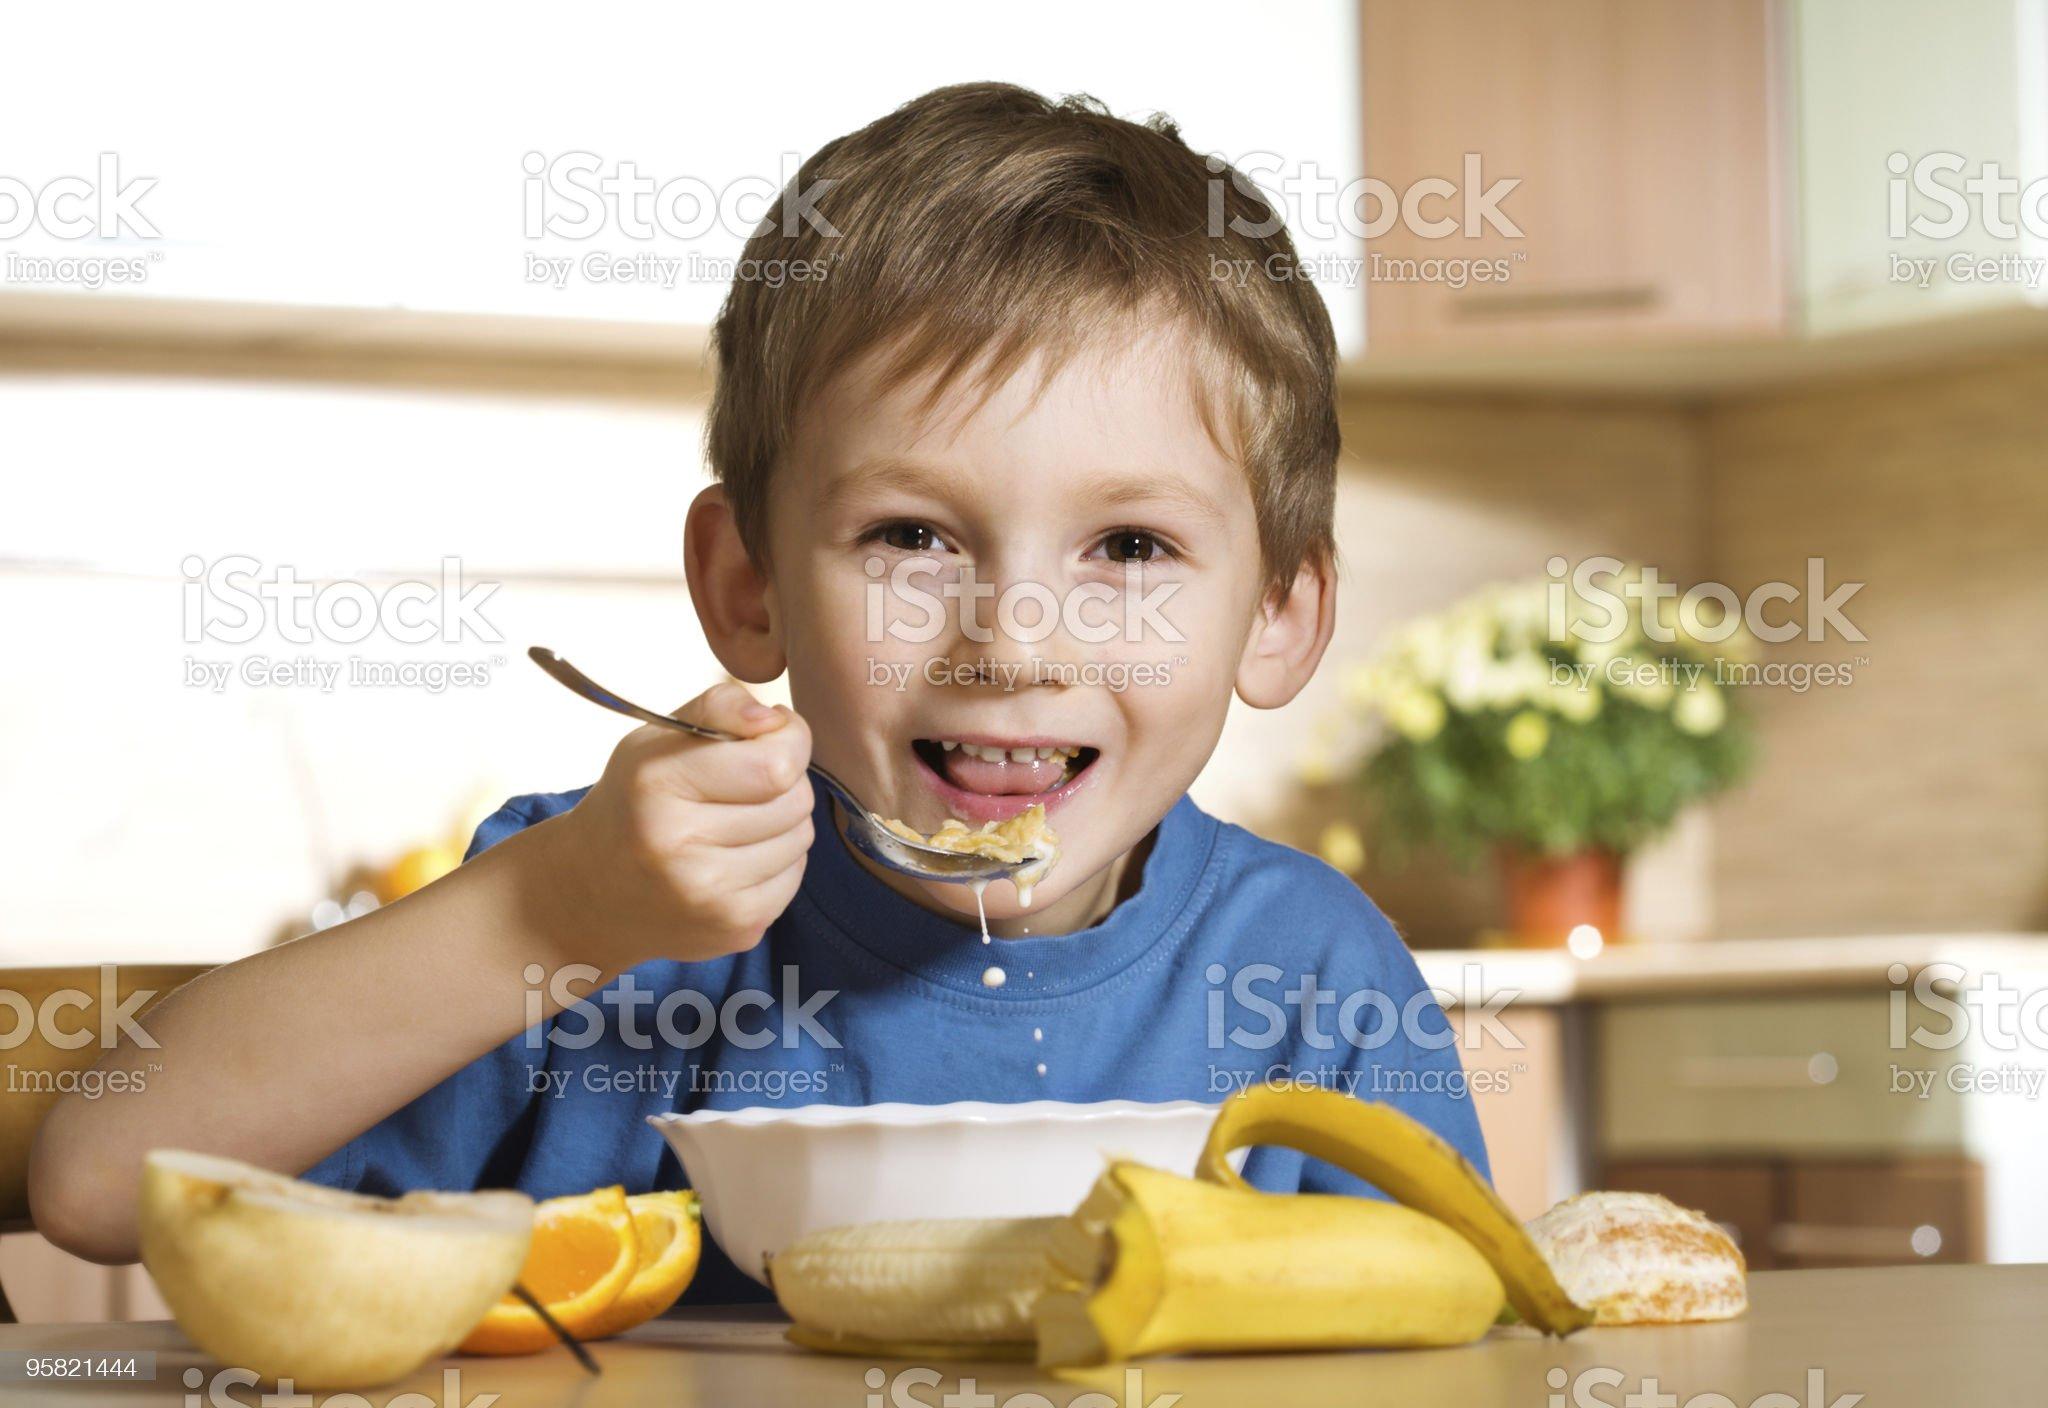 Sunny cheerful breakfast royalty-free stock photo